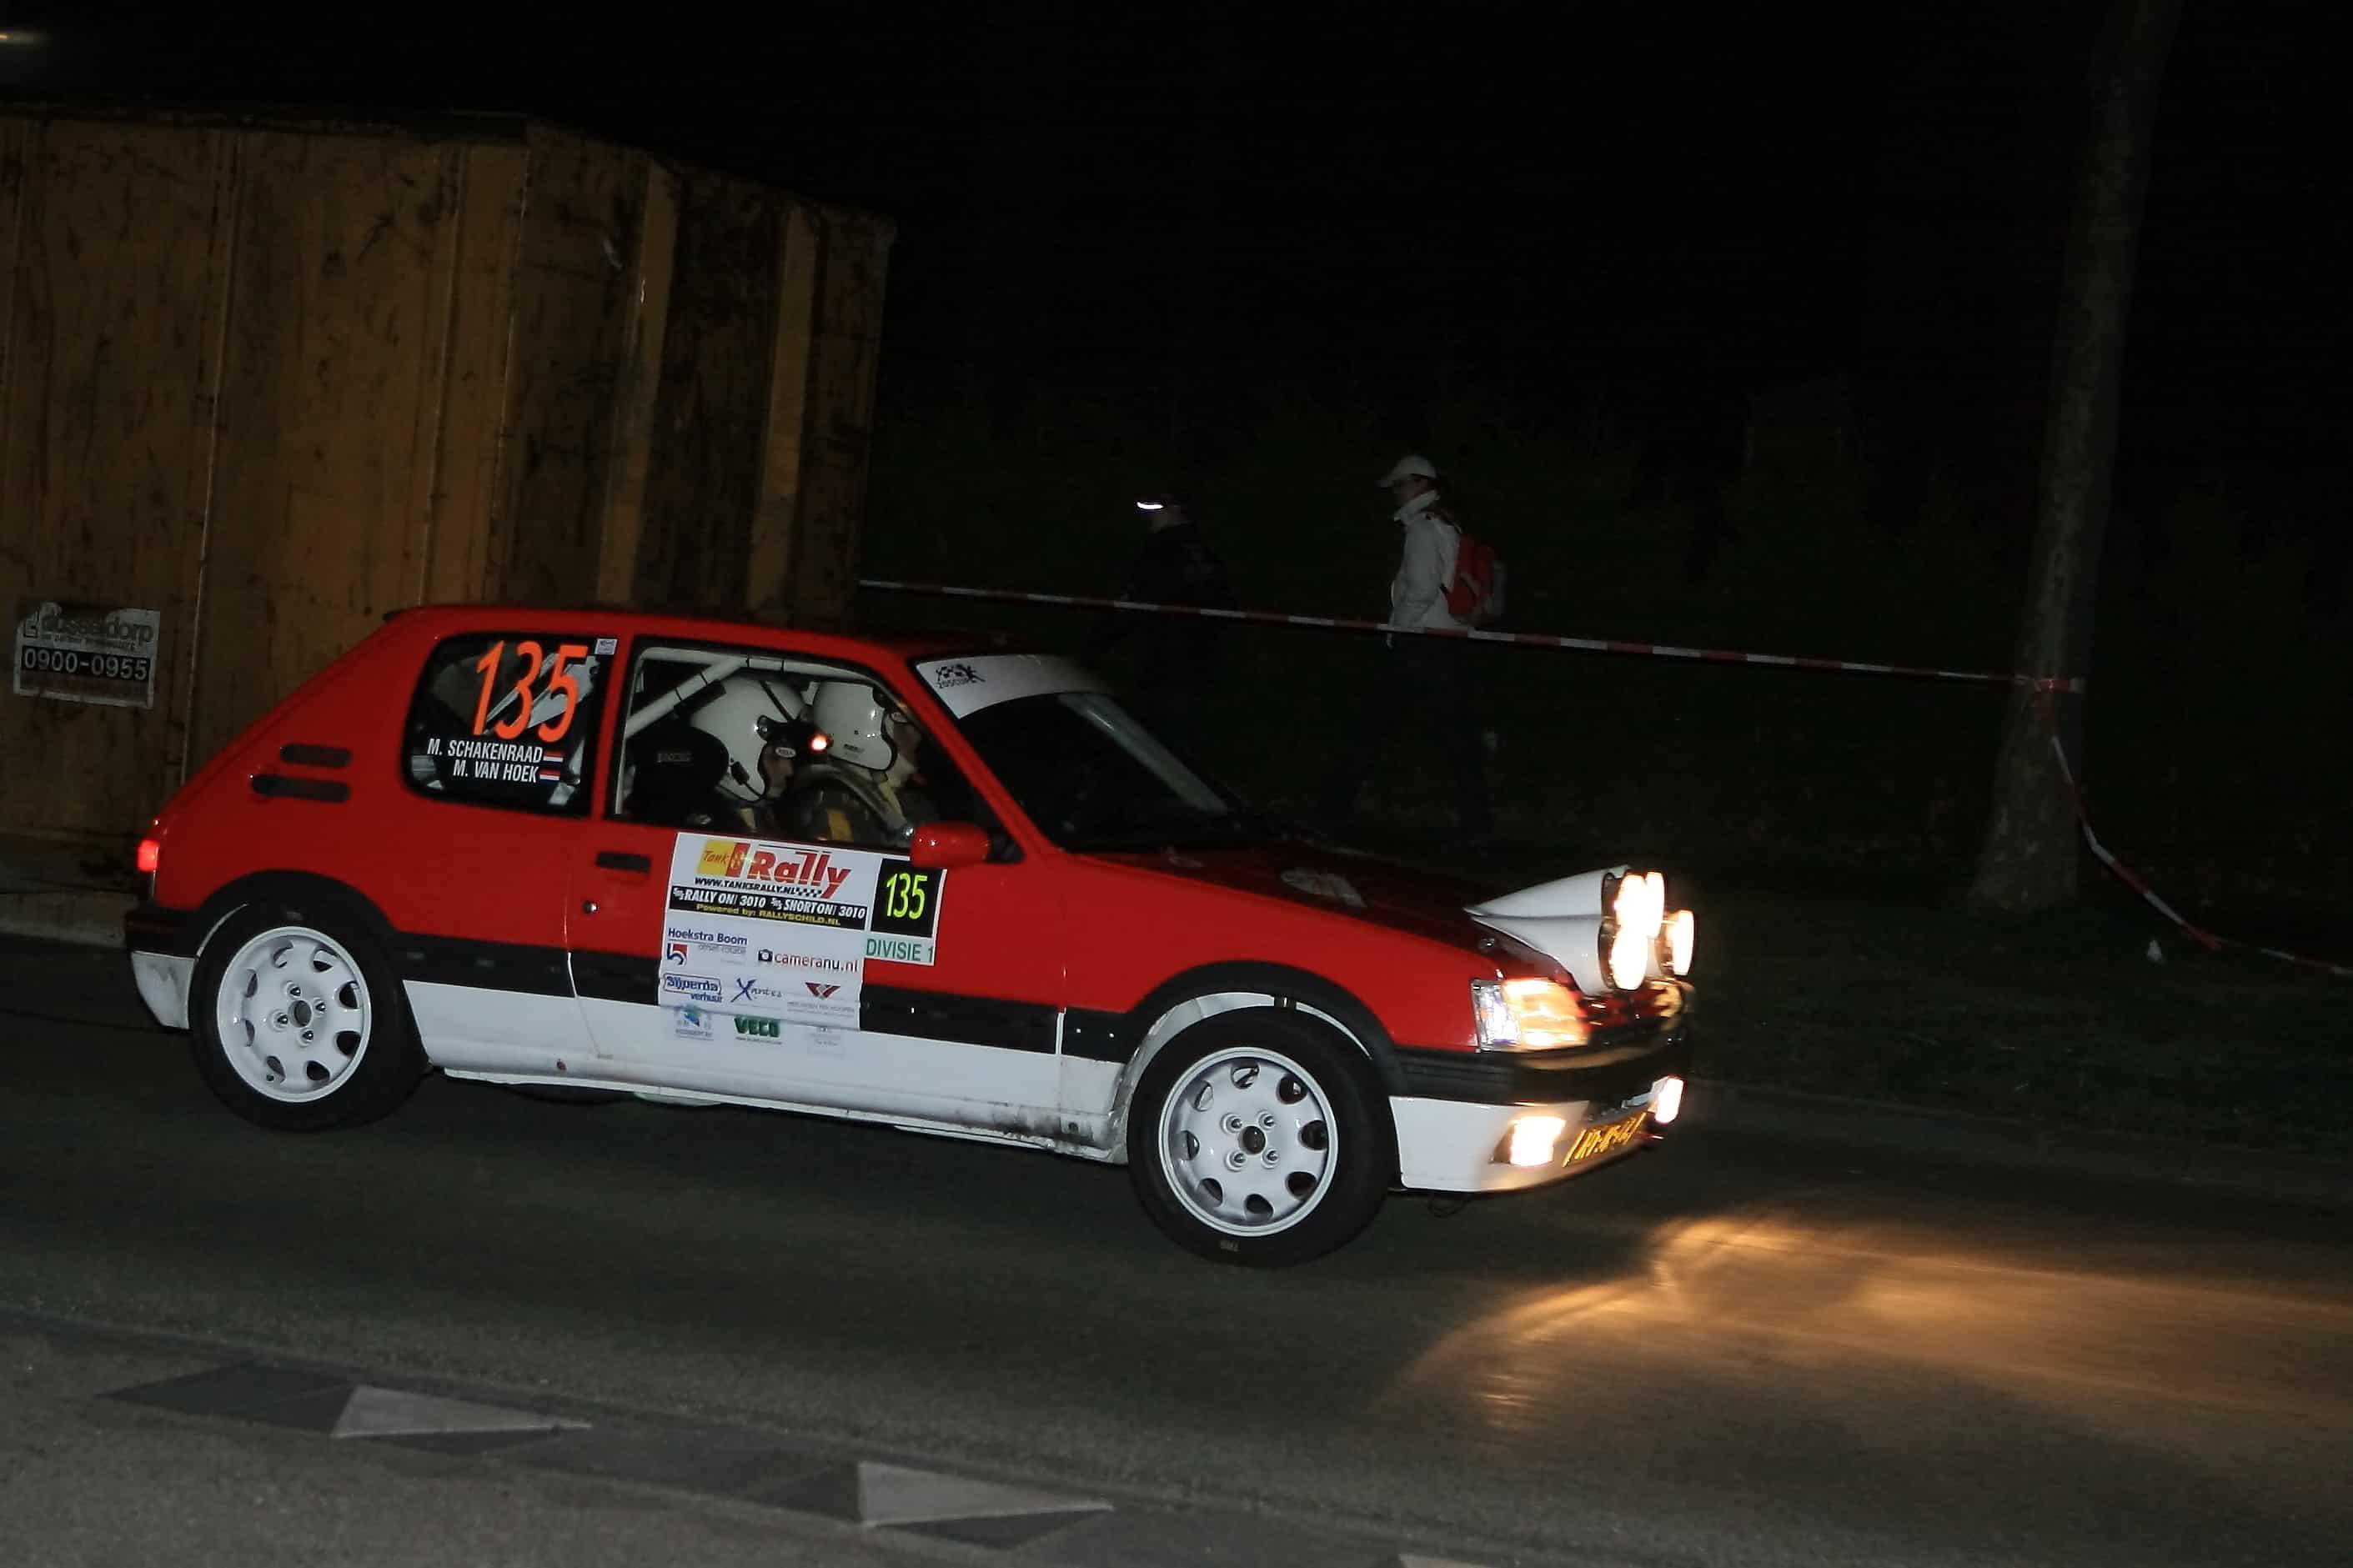 Martijn van Hoek - Peugeot 205GTi - TankS Short Rally 2011